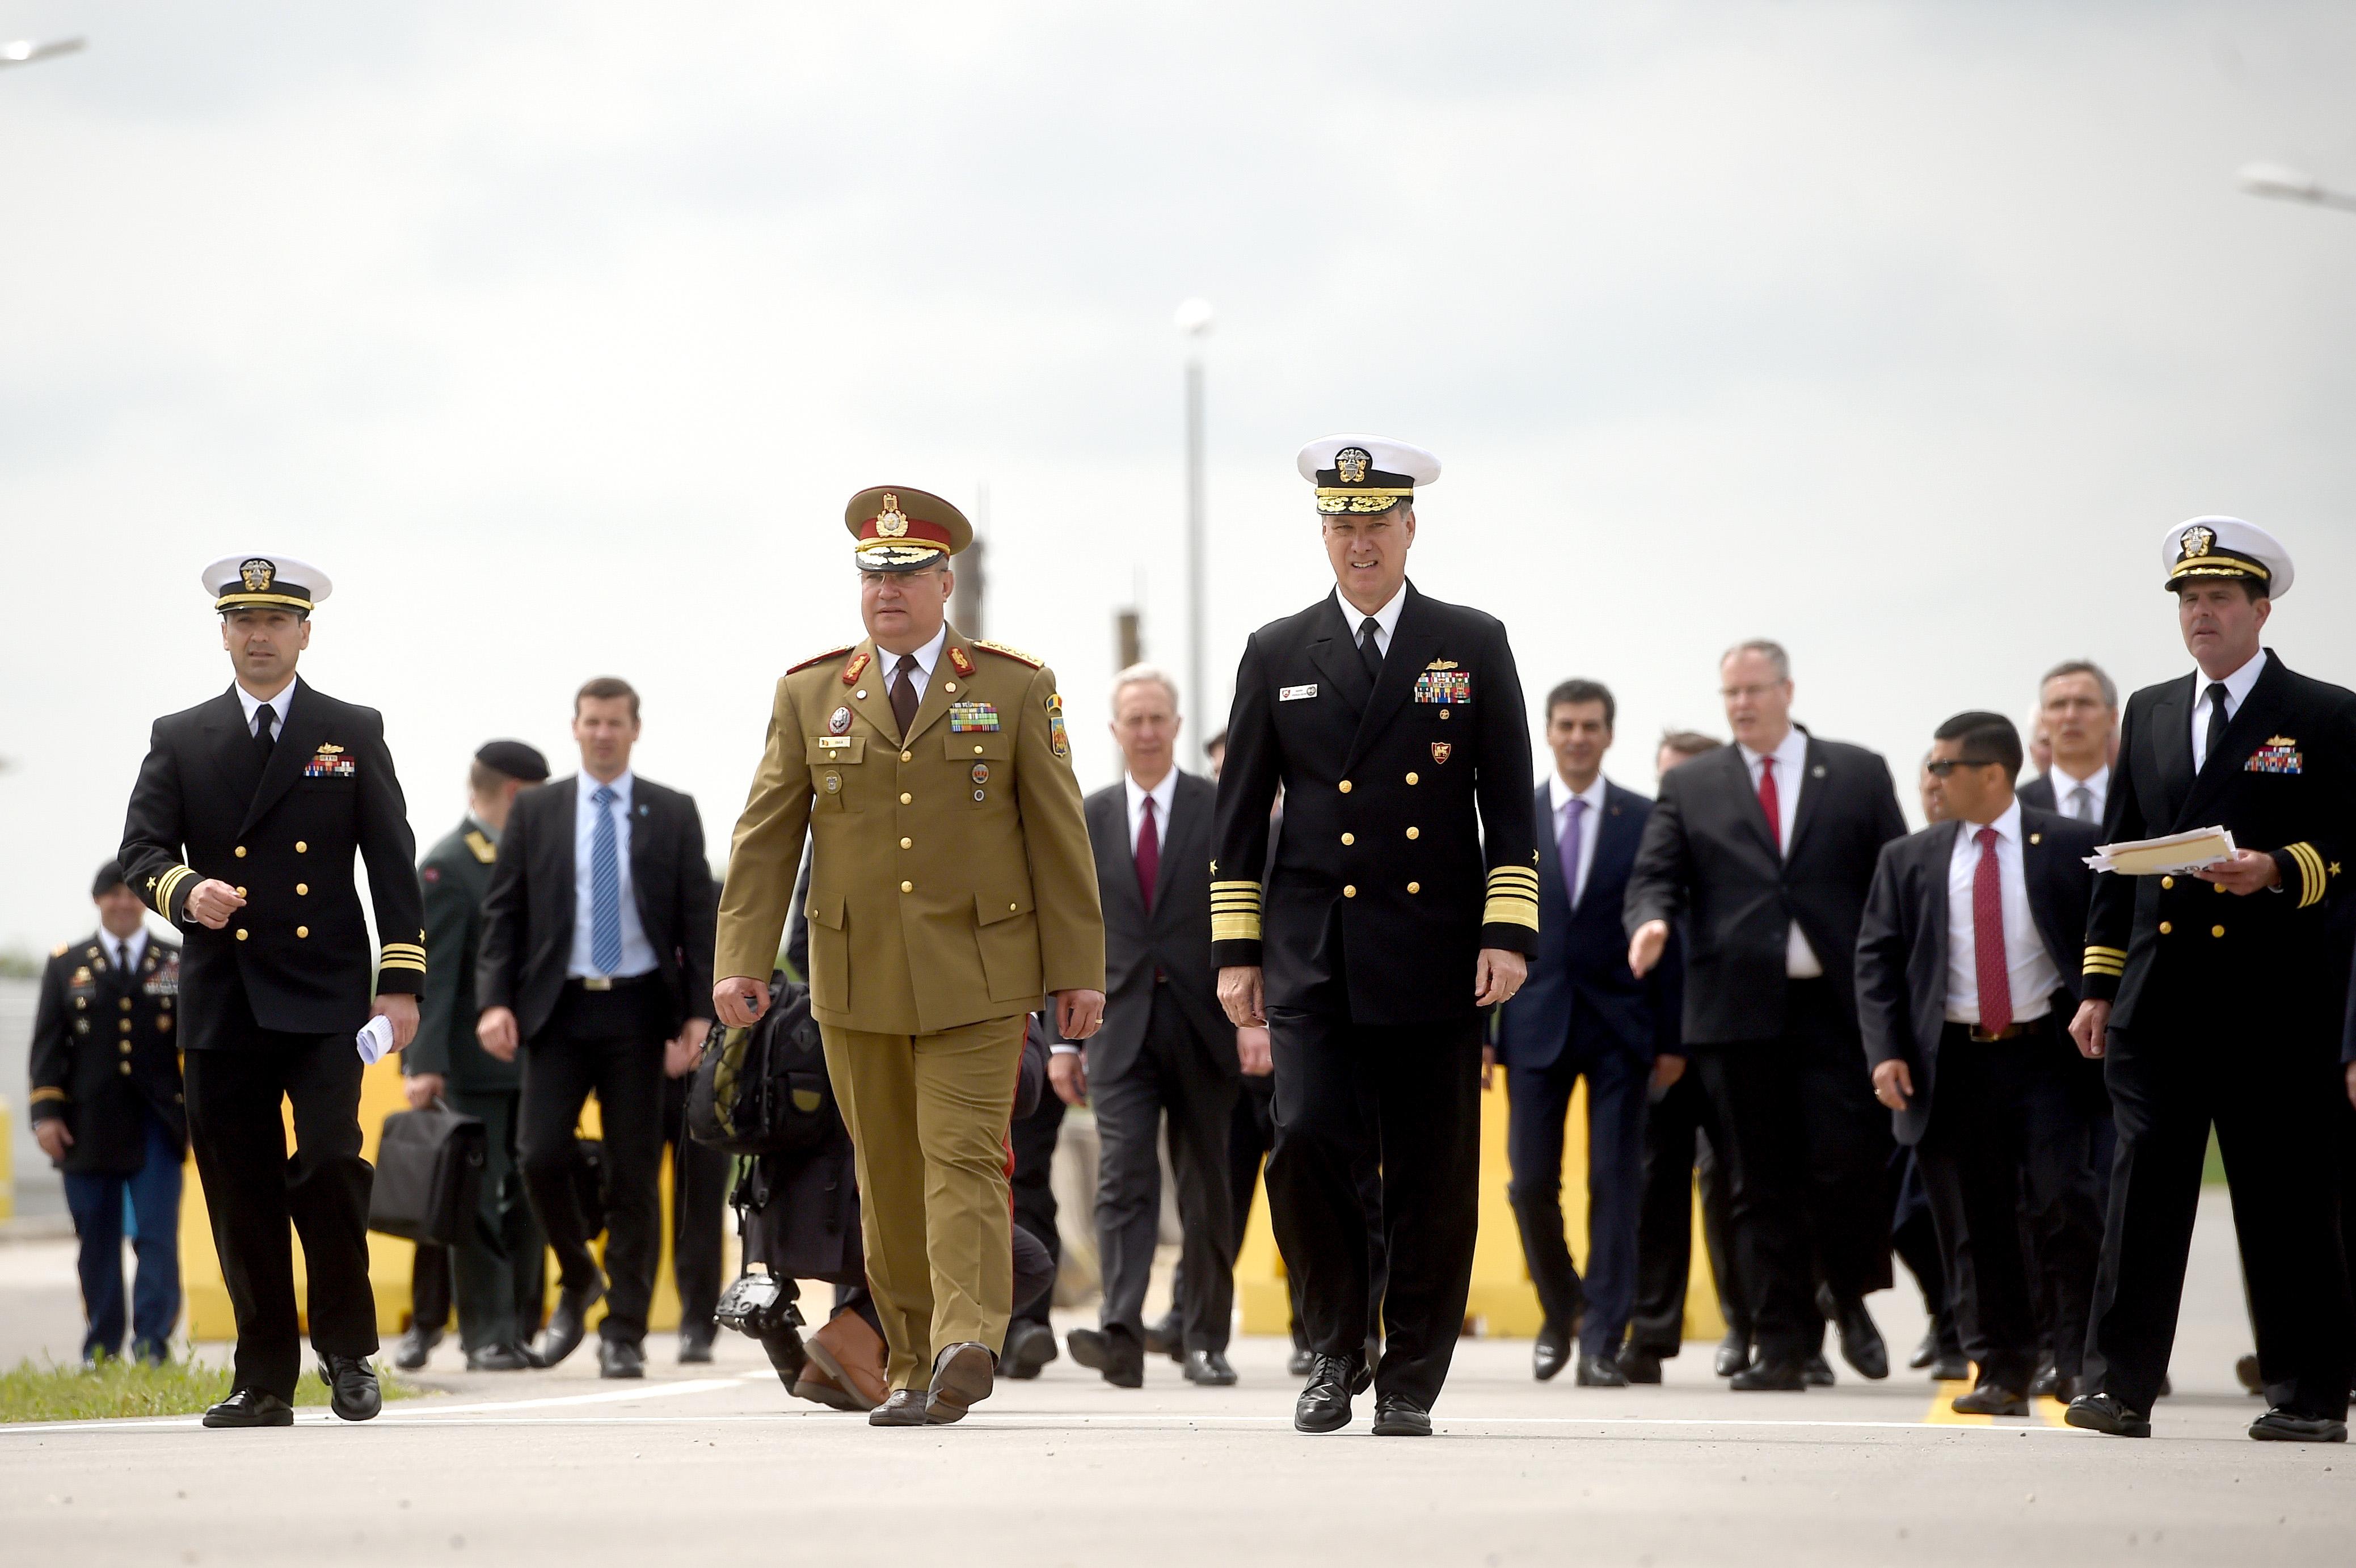 Oficialul american care a confundat Bucurestiul cu Budapesta la ceremonia de la Deveselu